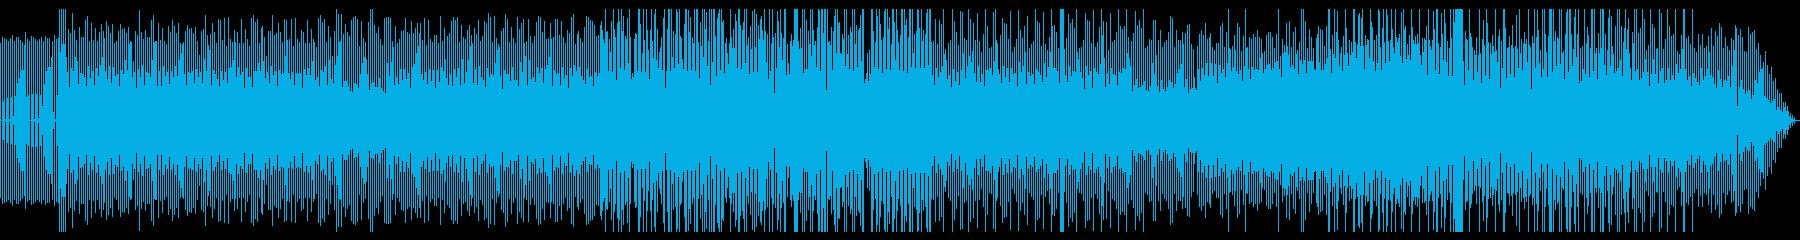 シンプルな4つ打ち系バックミュージックの再生済みの波形